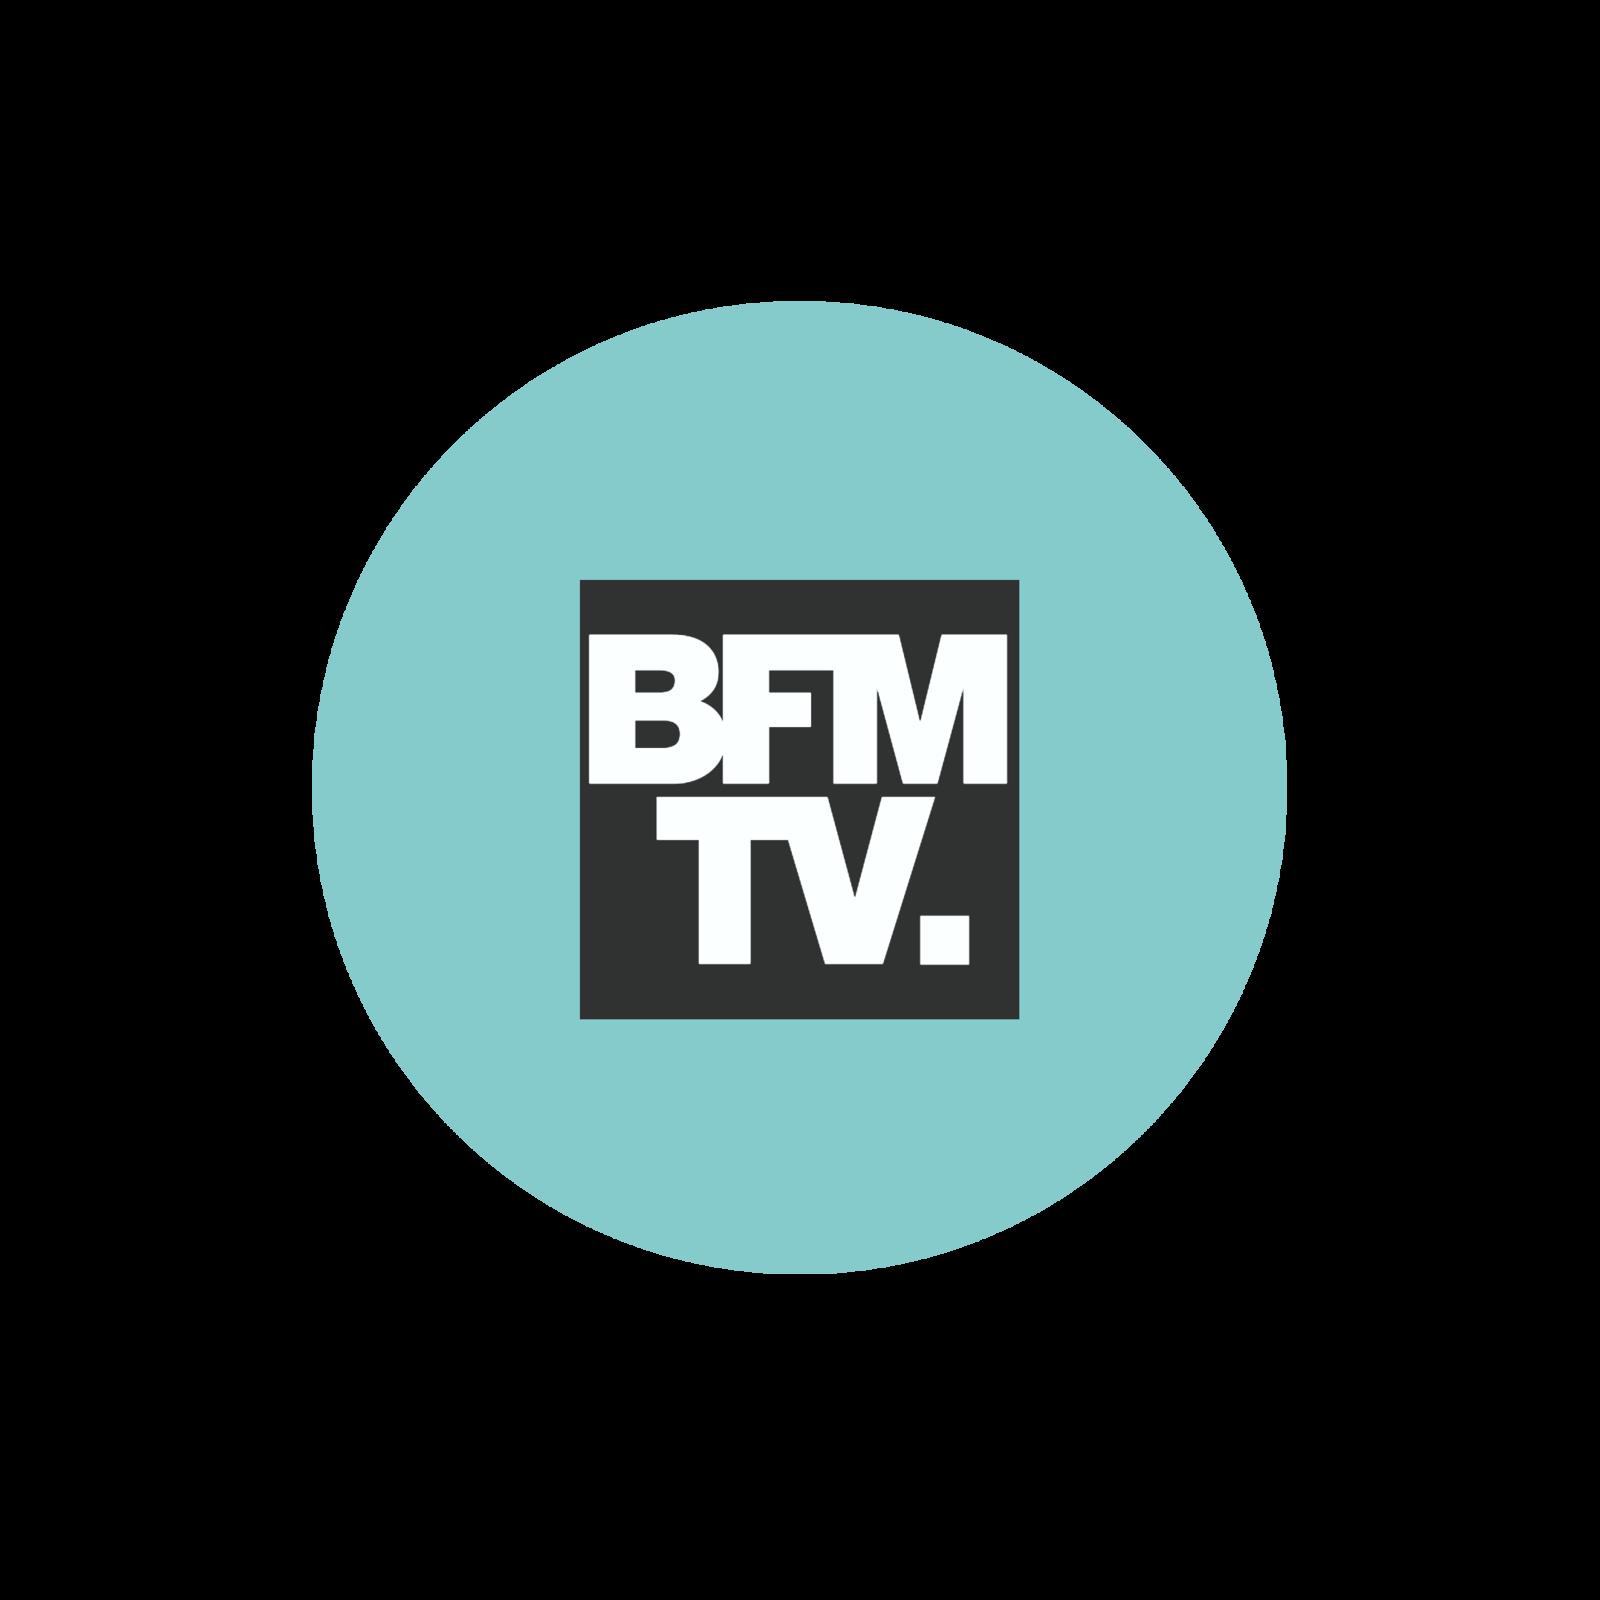 Marc-Olivier Fogiel patron de BFMTV : « Changer les présentateurs n'est pas l'objectif numéro 1 ».